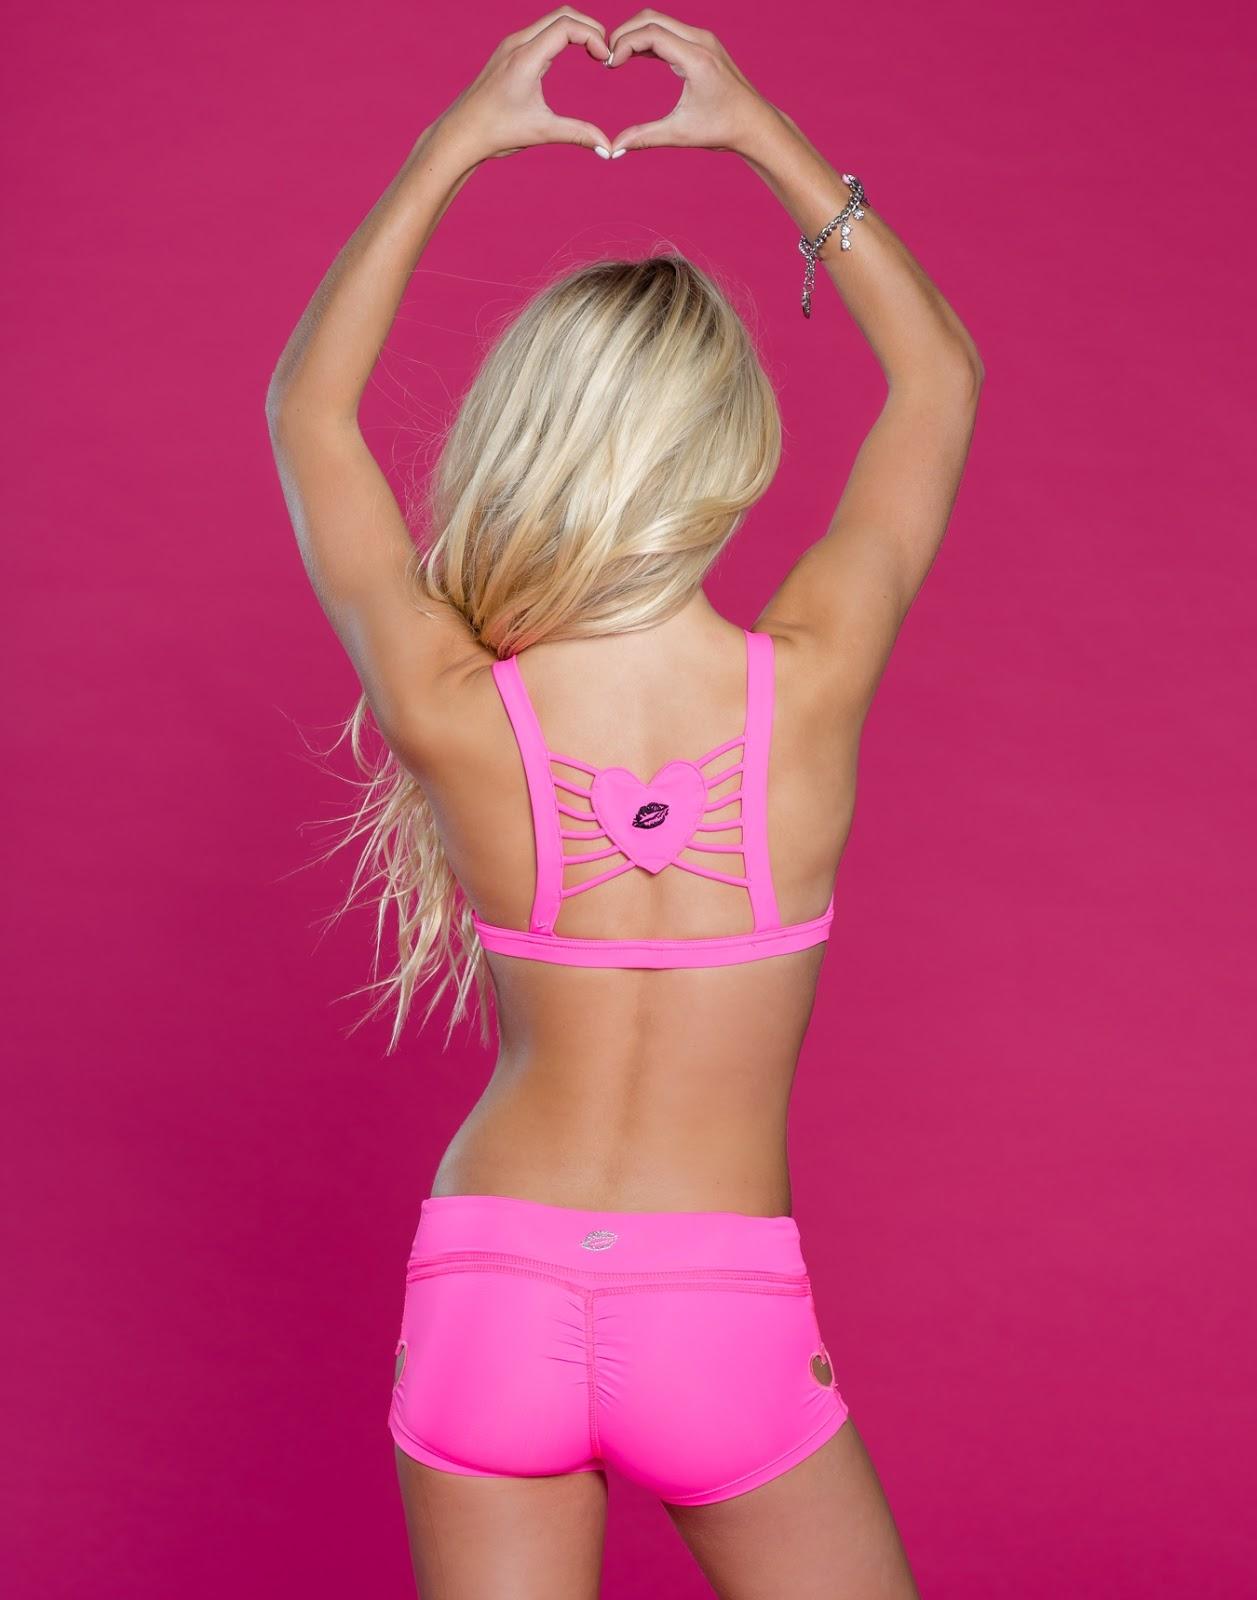 Sexy Teen Model Blogspot 27